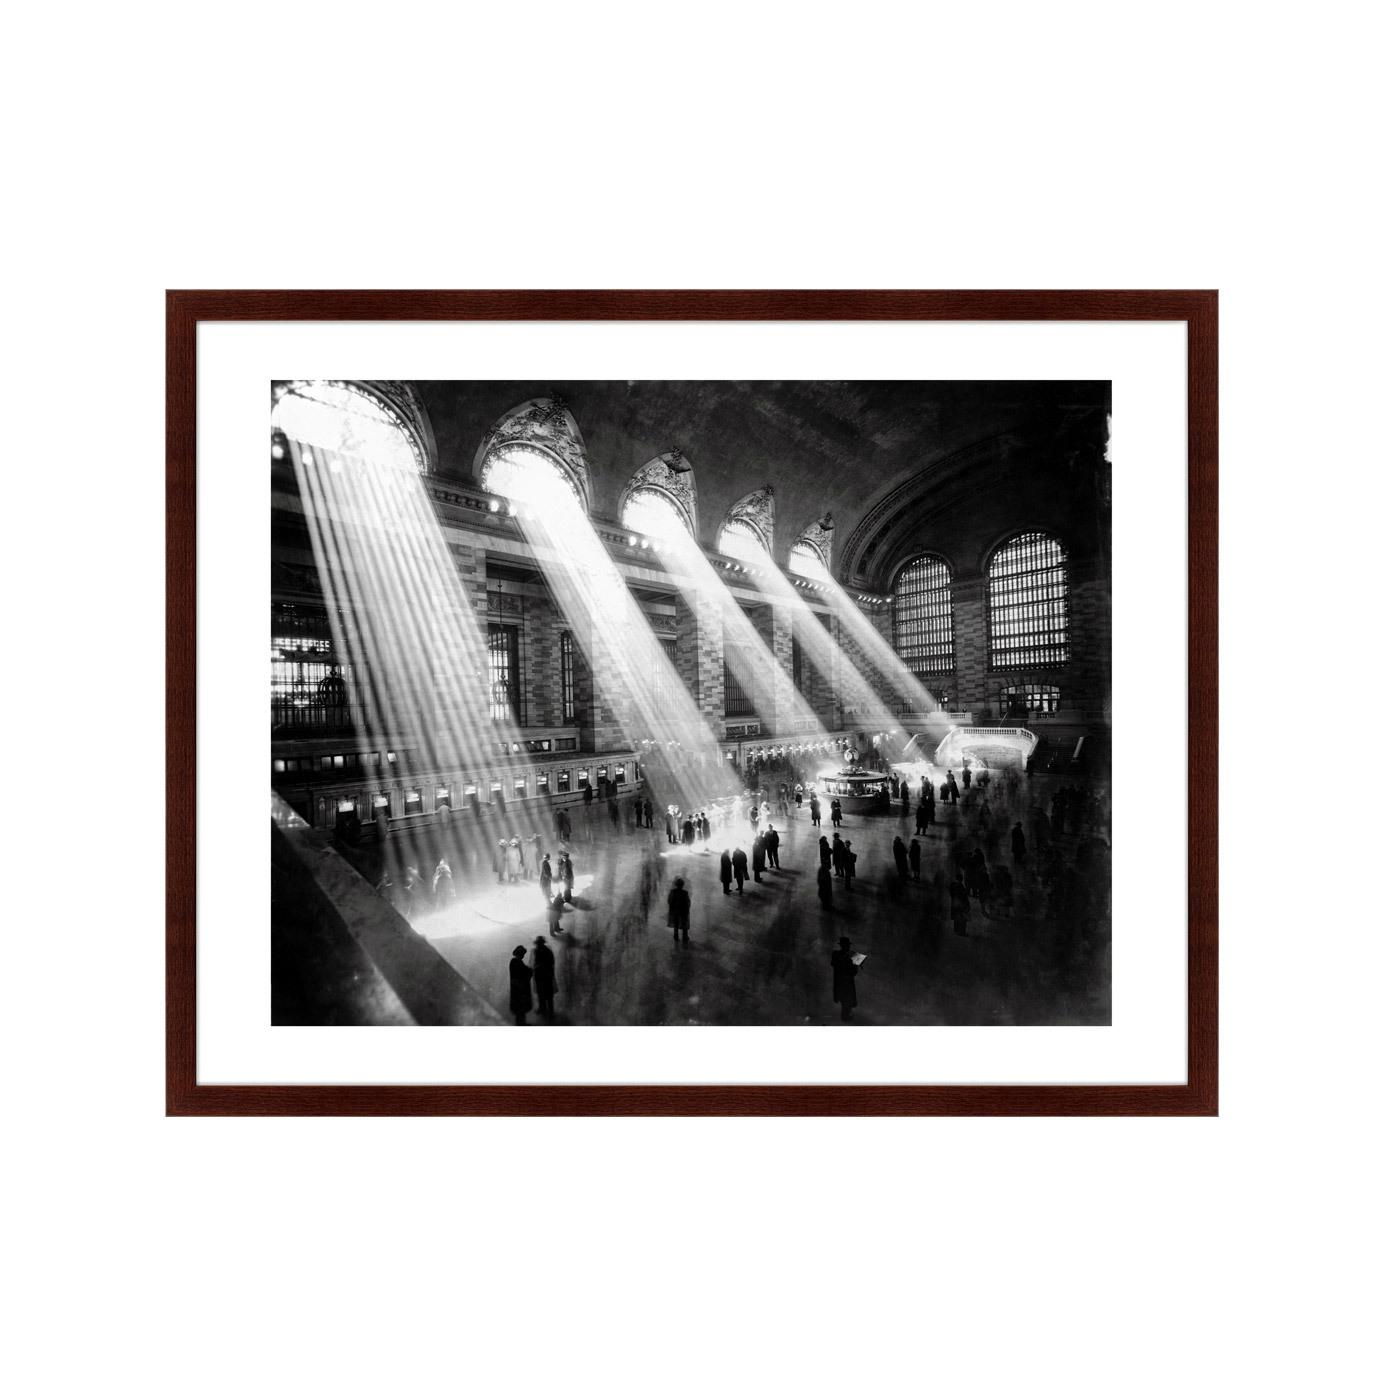 {} Картины в Квартиру Картина Главный Зал Центрального Вокзала Нью-Йорка (79х100 см) картины в квартиру картина вектор 79х100 см